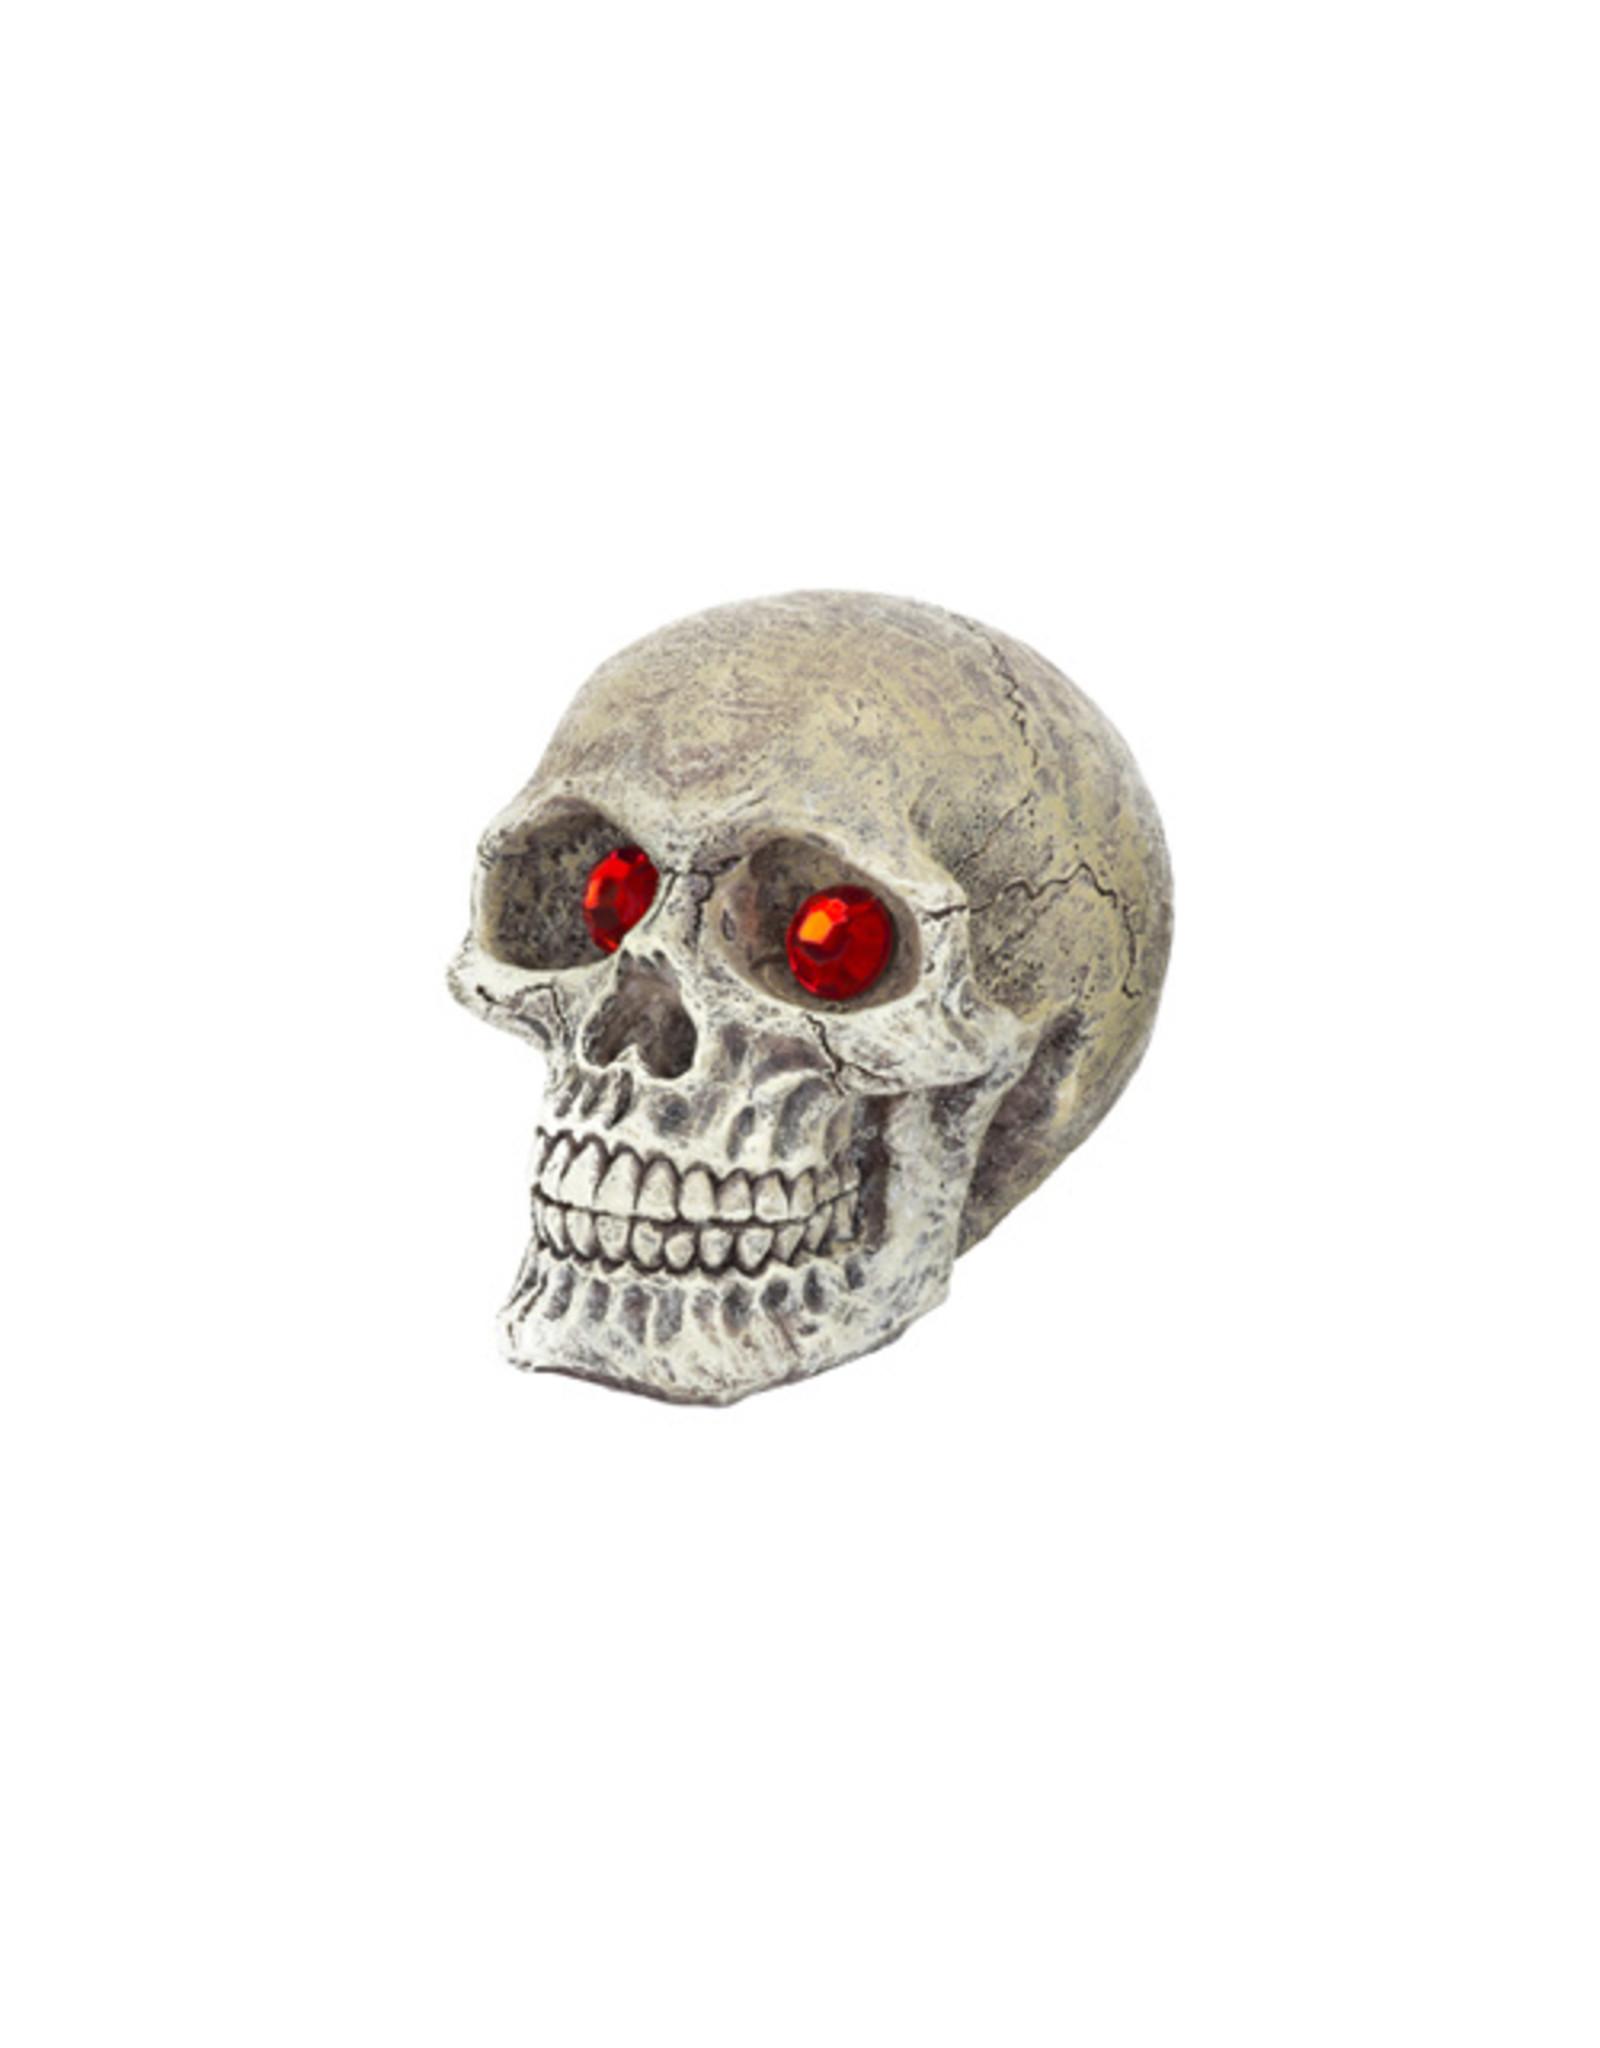 Penn Plax PENN PLAX Skull Gazer Mini Resin